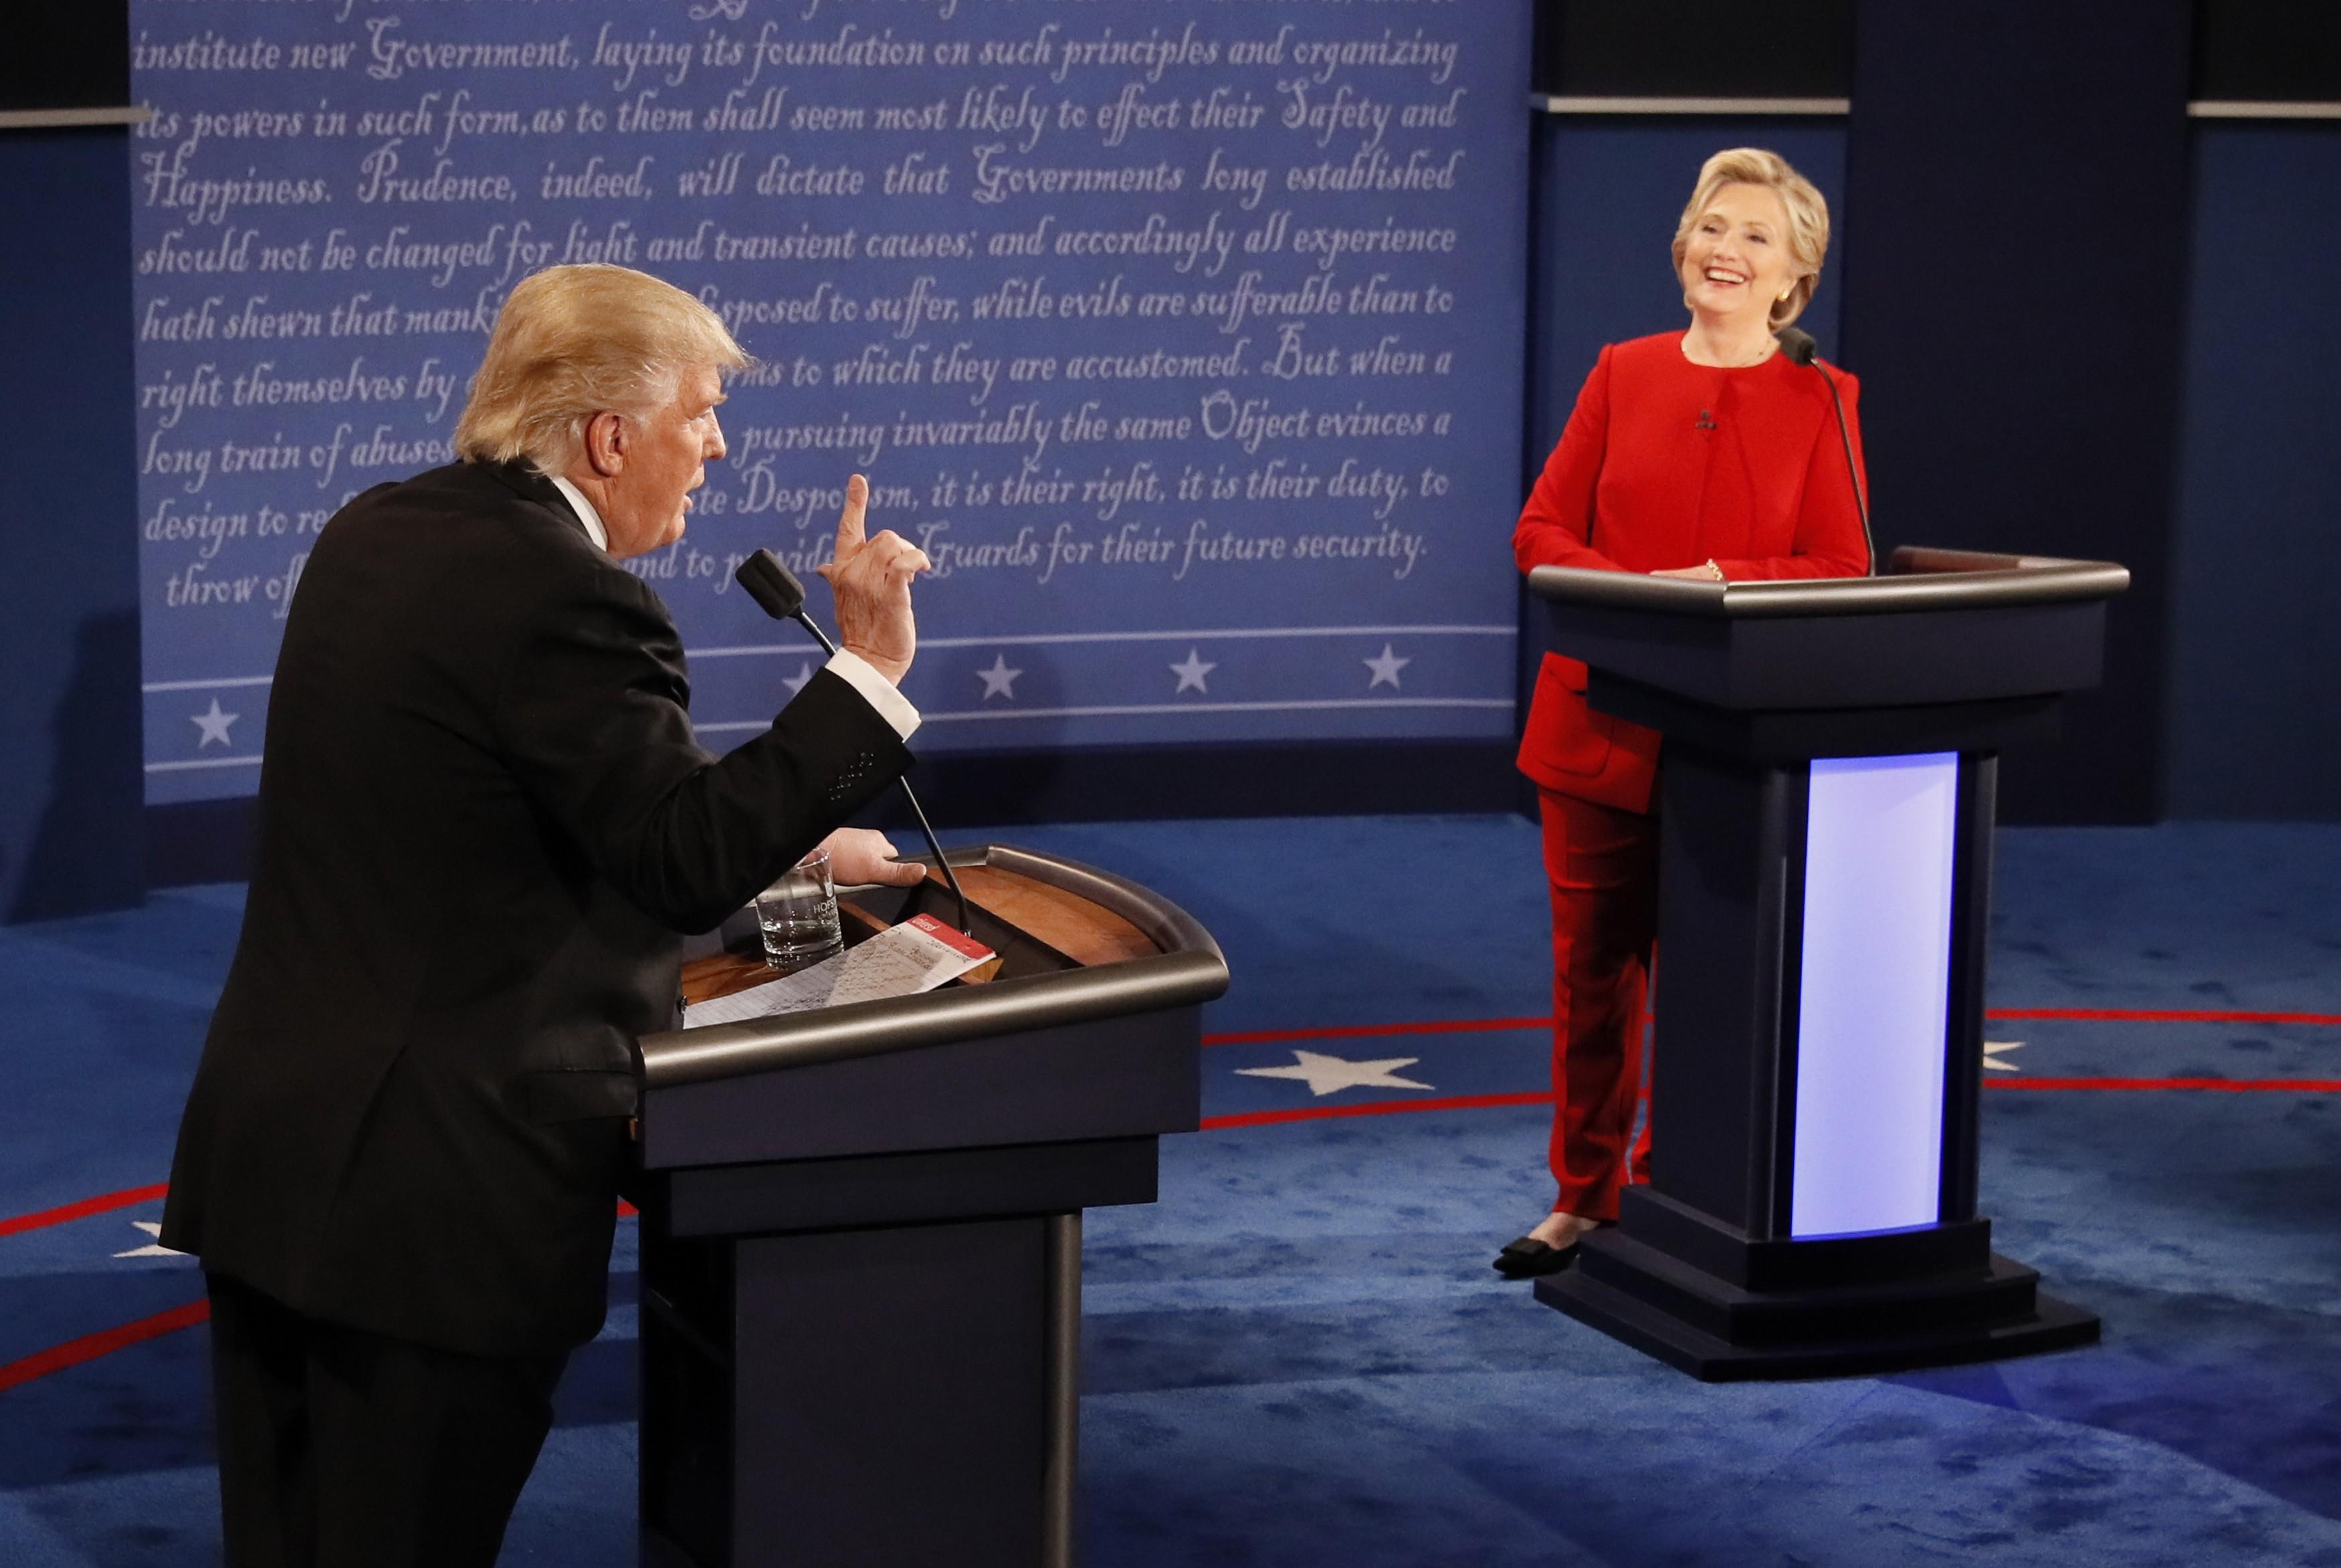 ترامب دغدغ مشاعر الجمهوريين: حرب العراق خطأ  (أ ب)